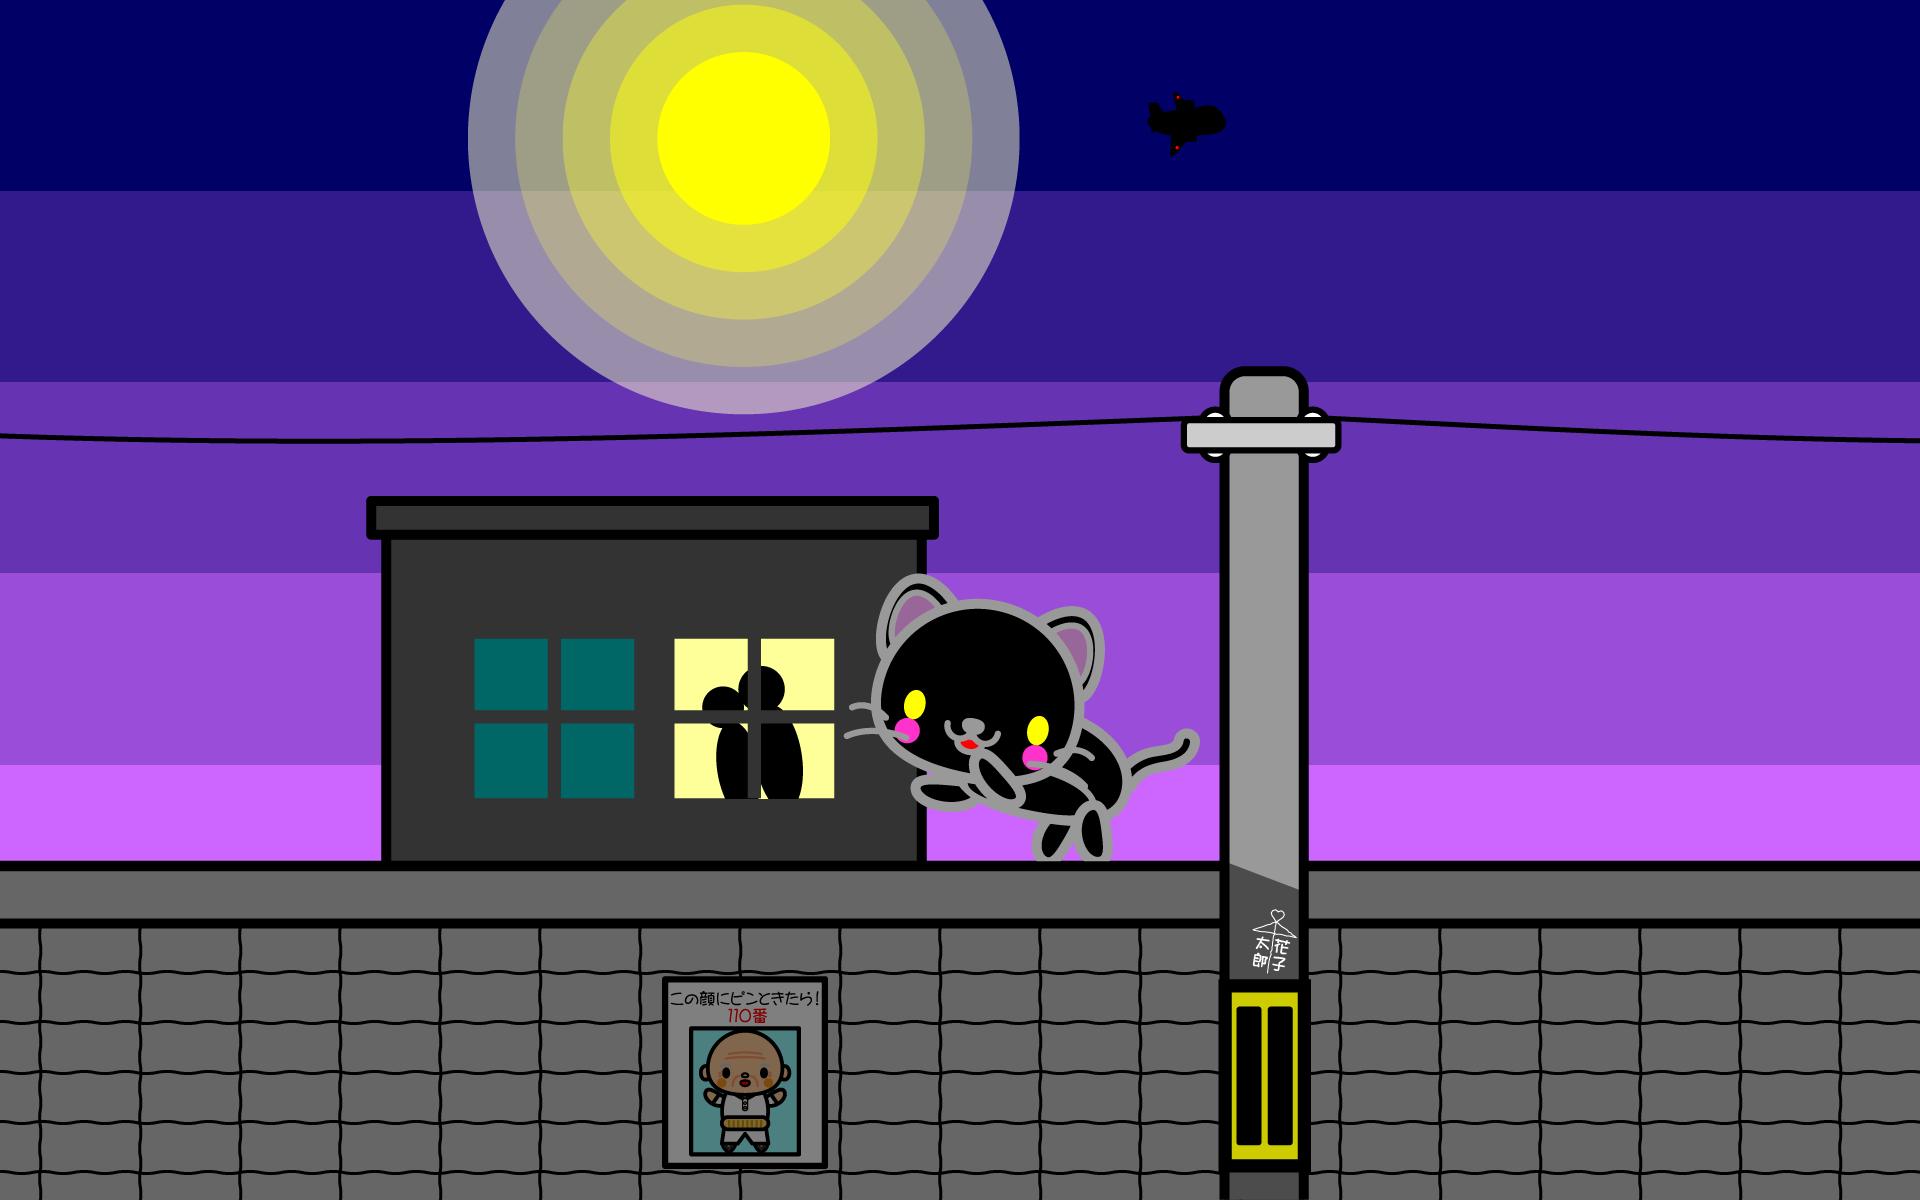 かわいいお茶目な黒猫壁紙(PC)の無料イラスト・商用フリー